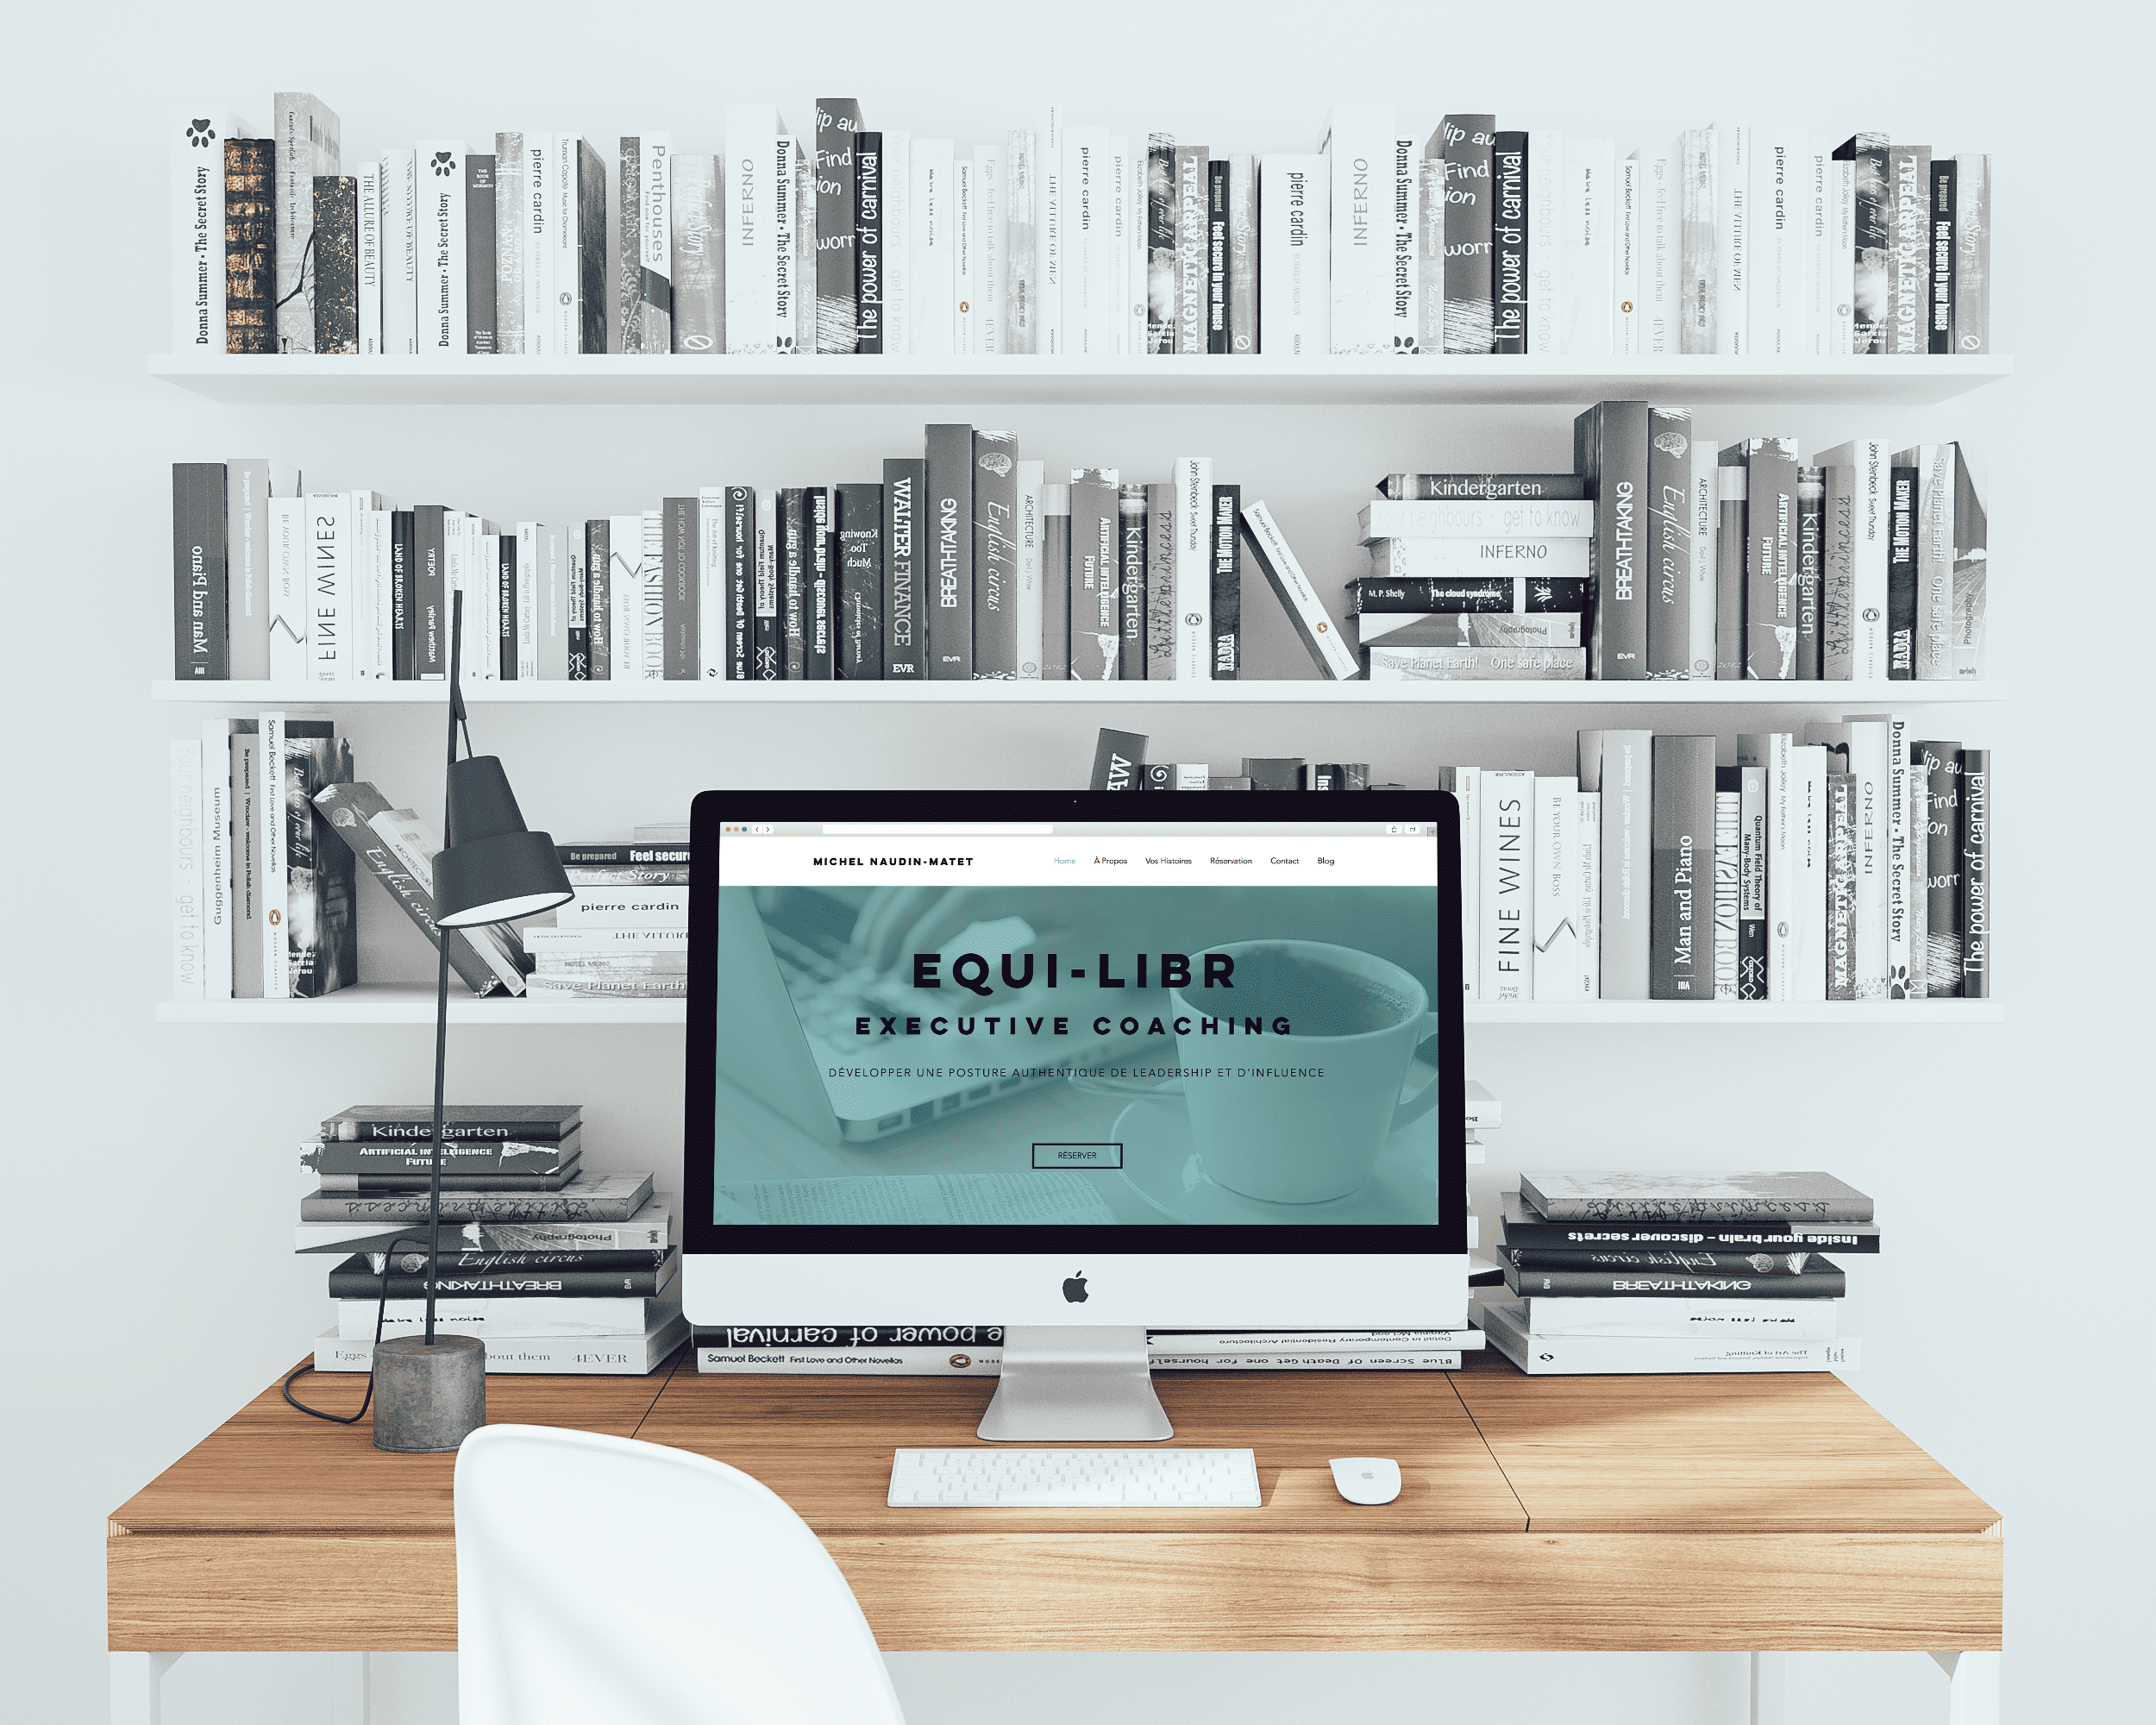 iMac posé sur un bureau et allumé avec la page internet du site Equi-Libr